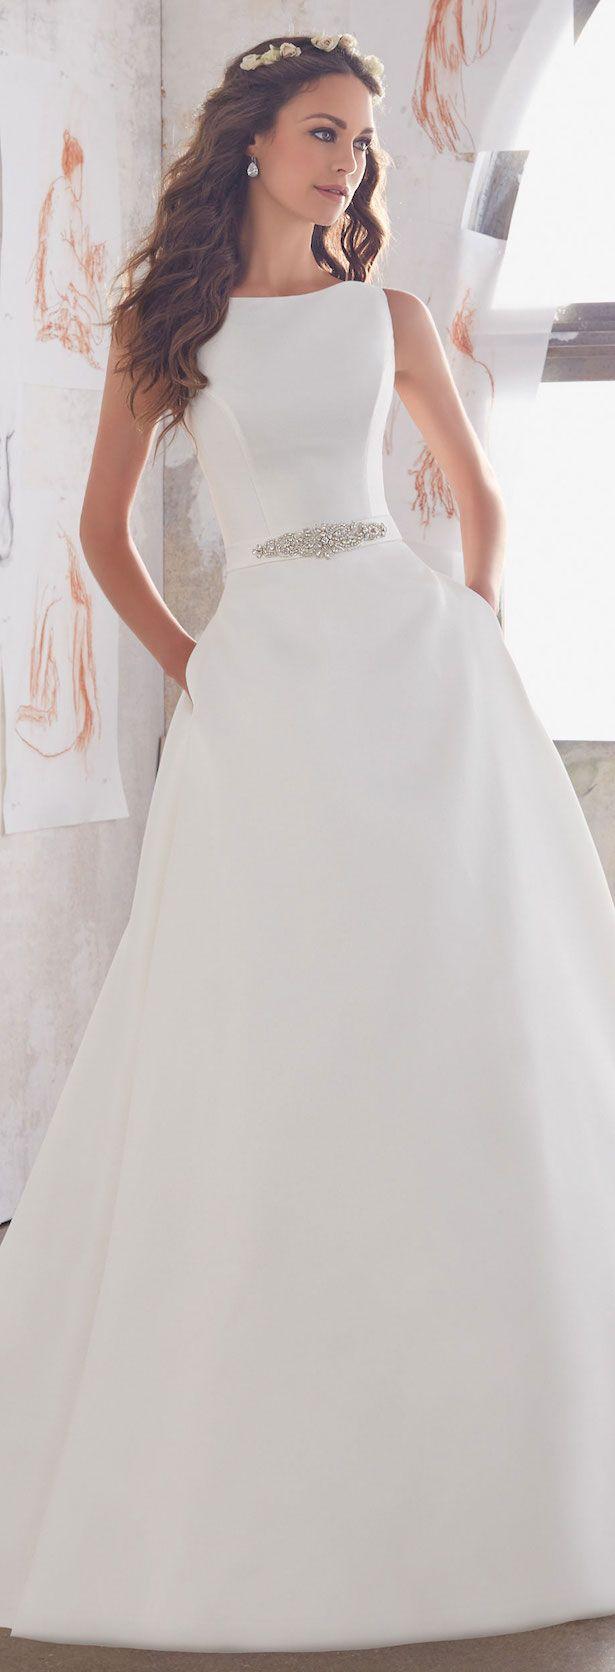 Mori lee madeline gardner wedding dress  Mori Lee by Madeline Gardner Wedding Dress Collection  Blu Spring